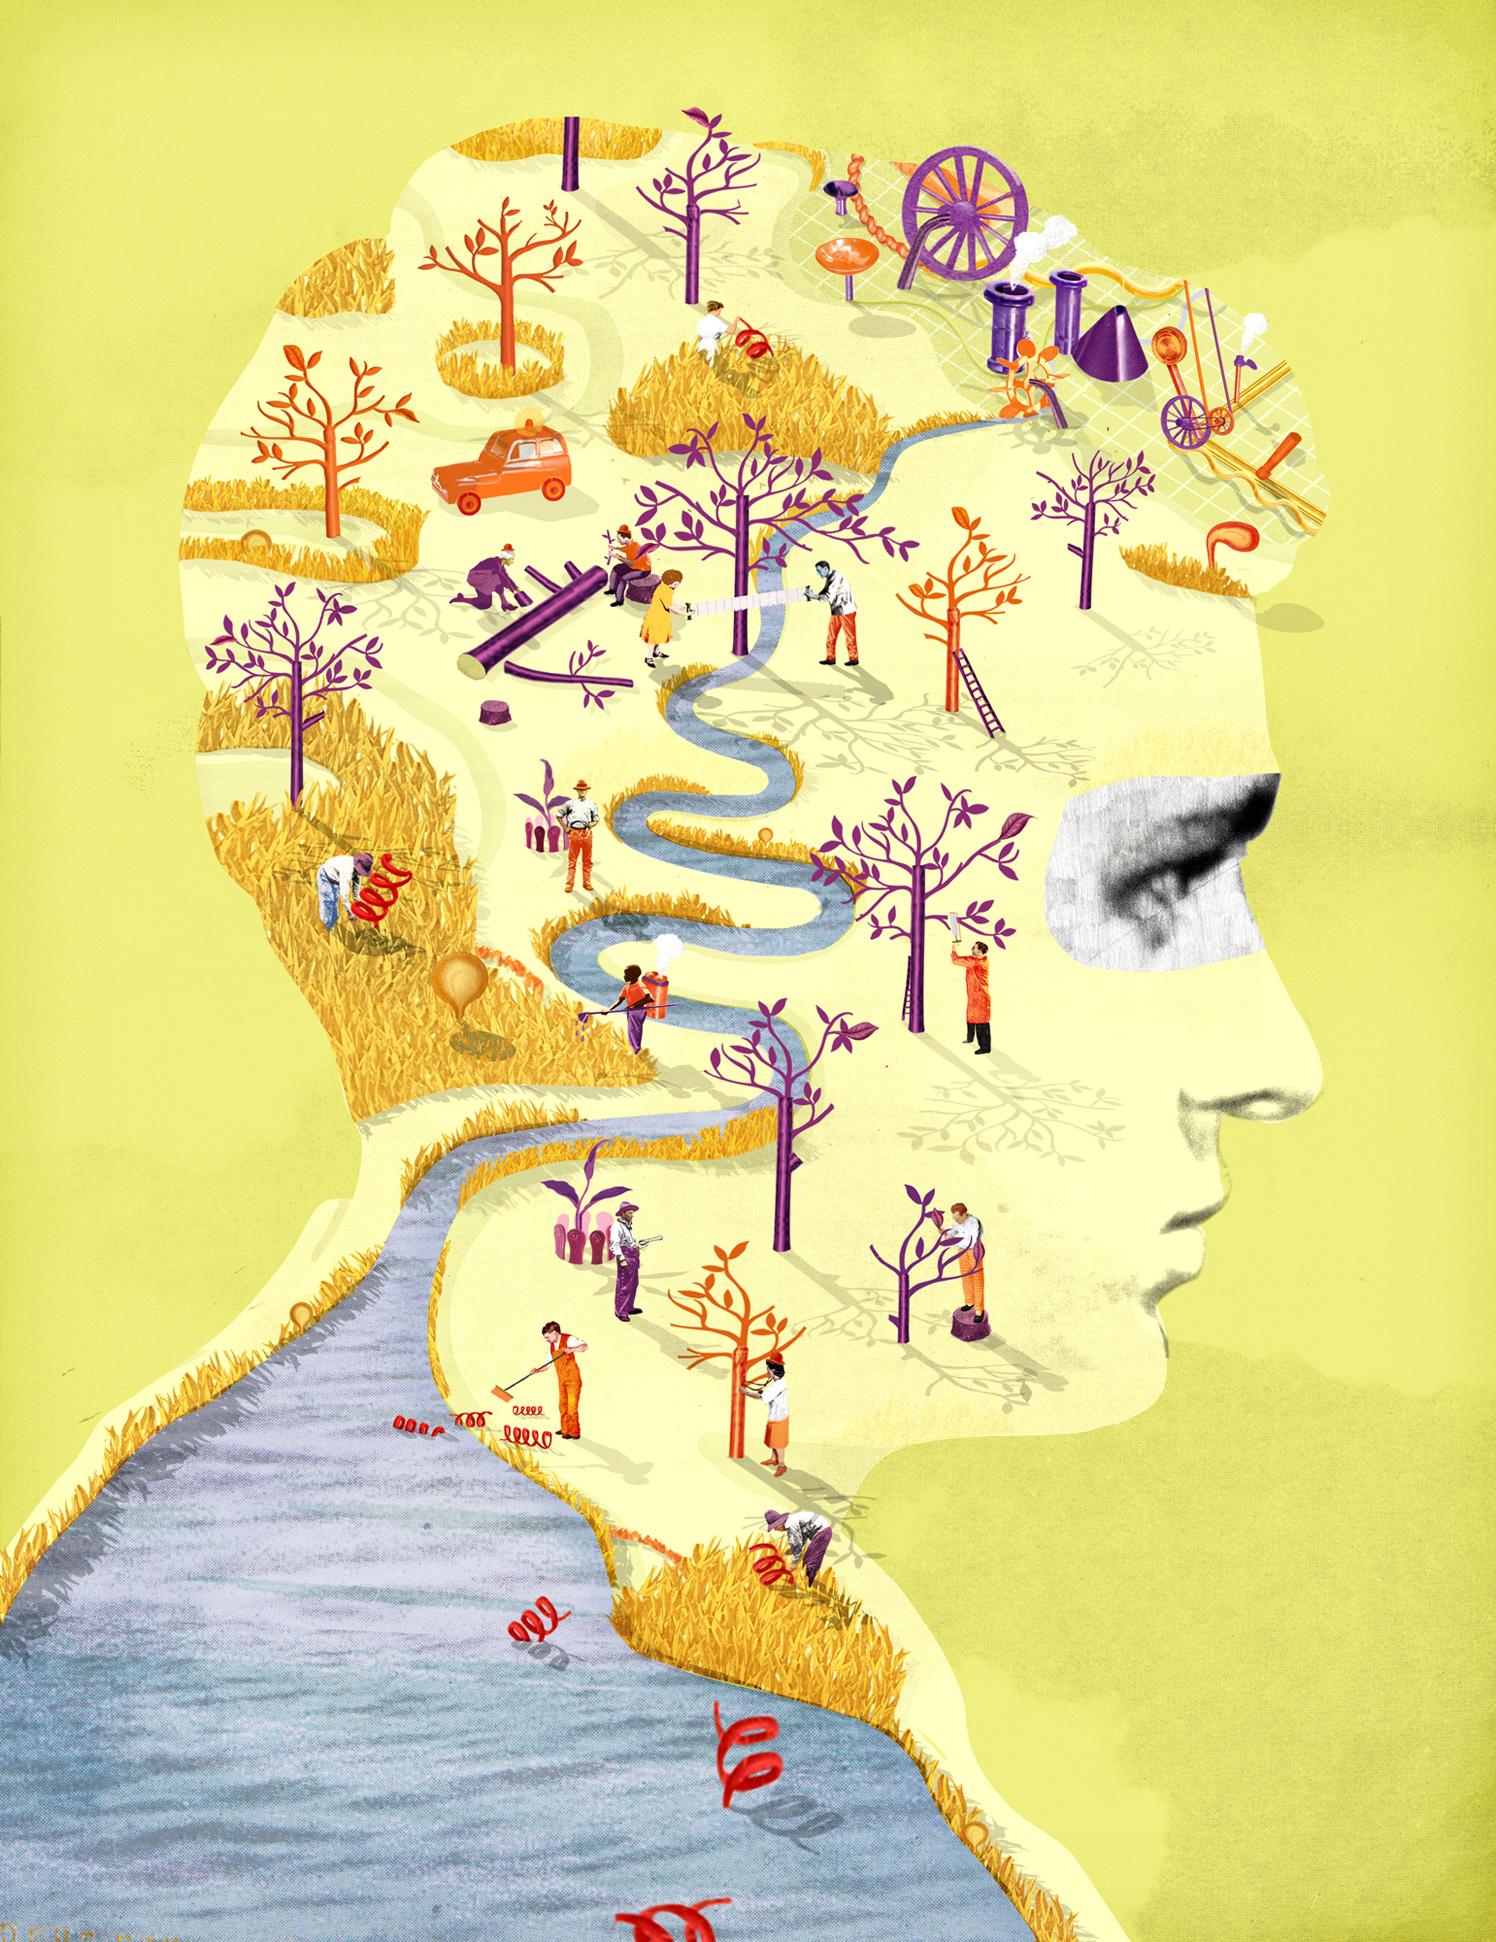 Th Mind Minders / New Scientist Magazine